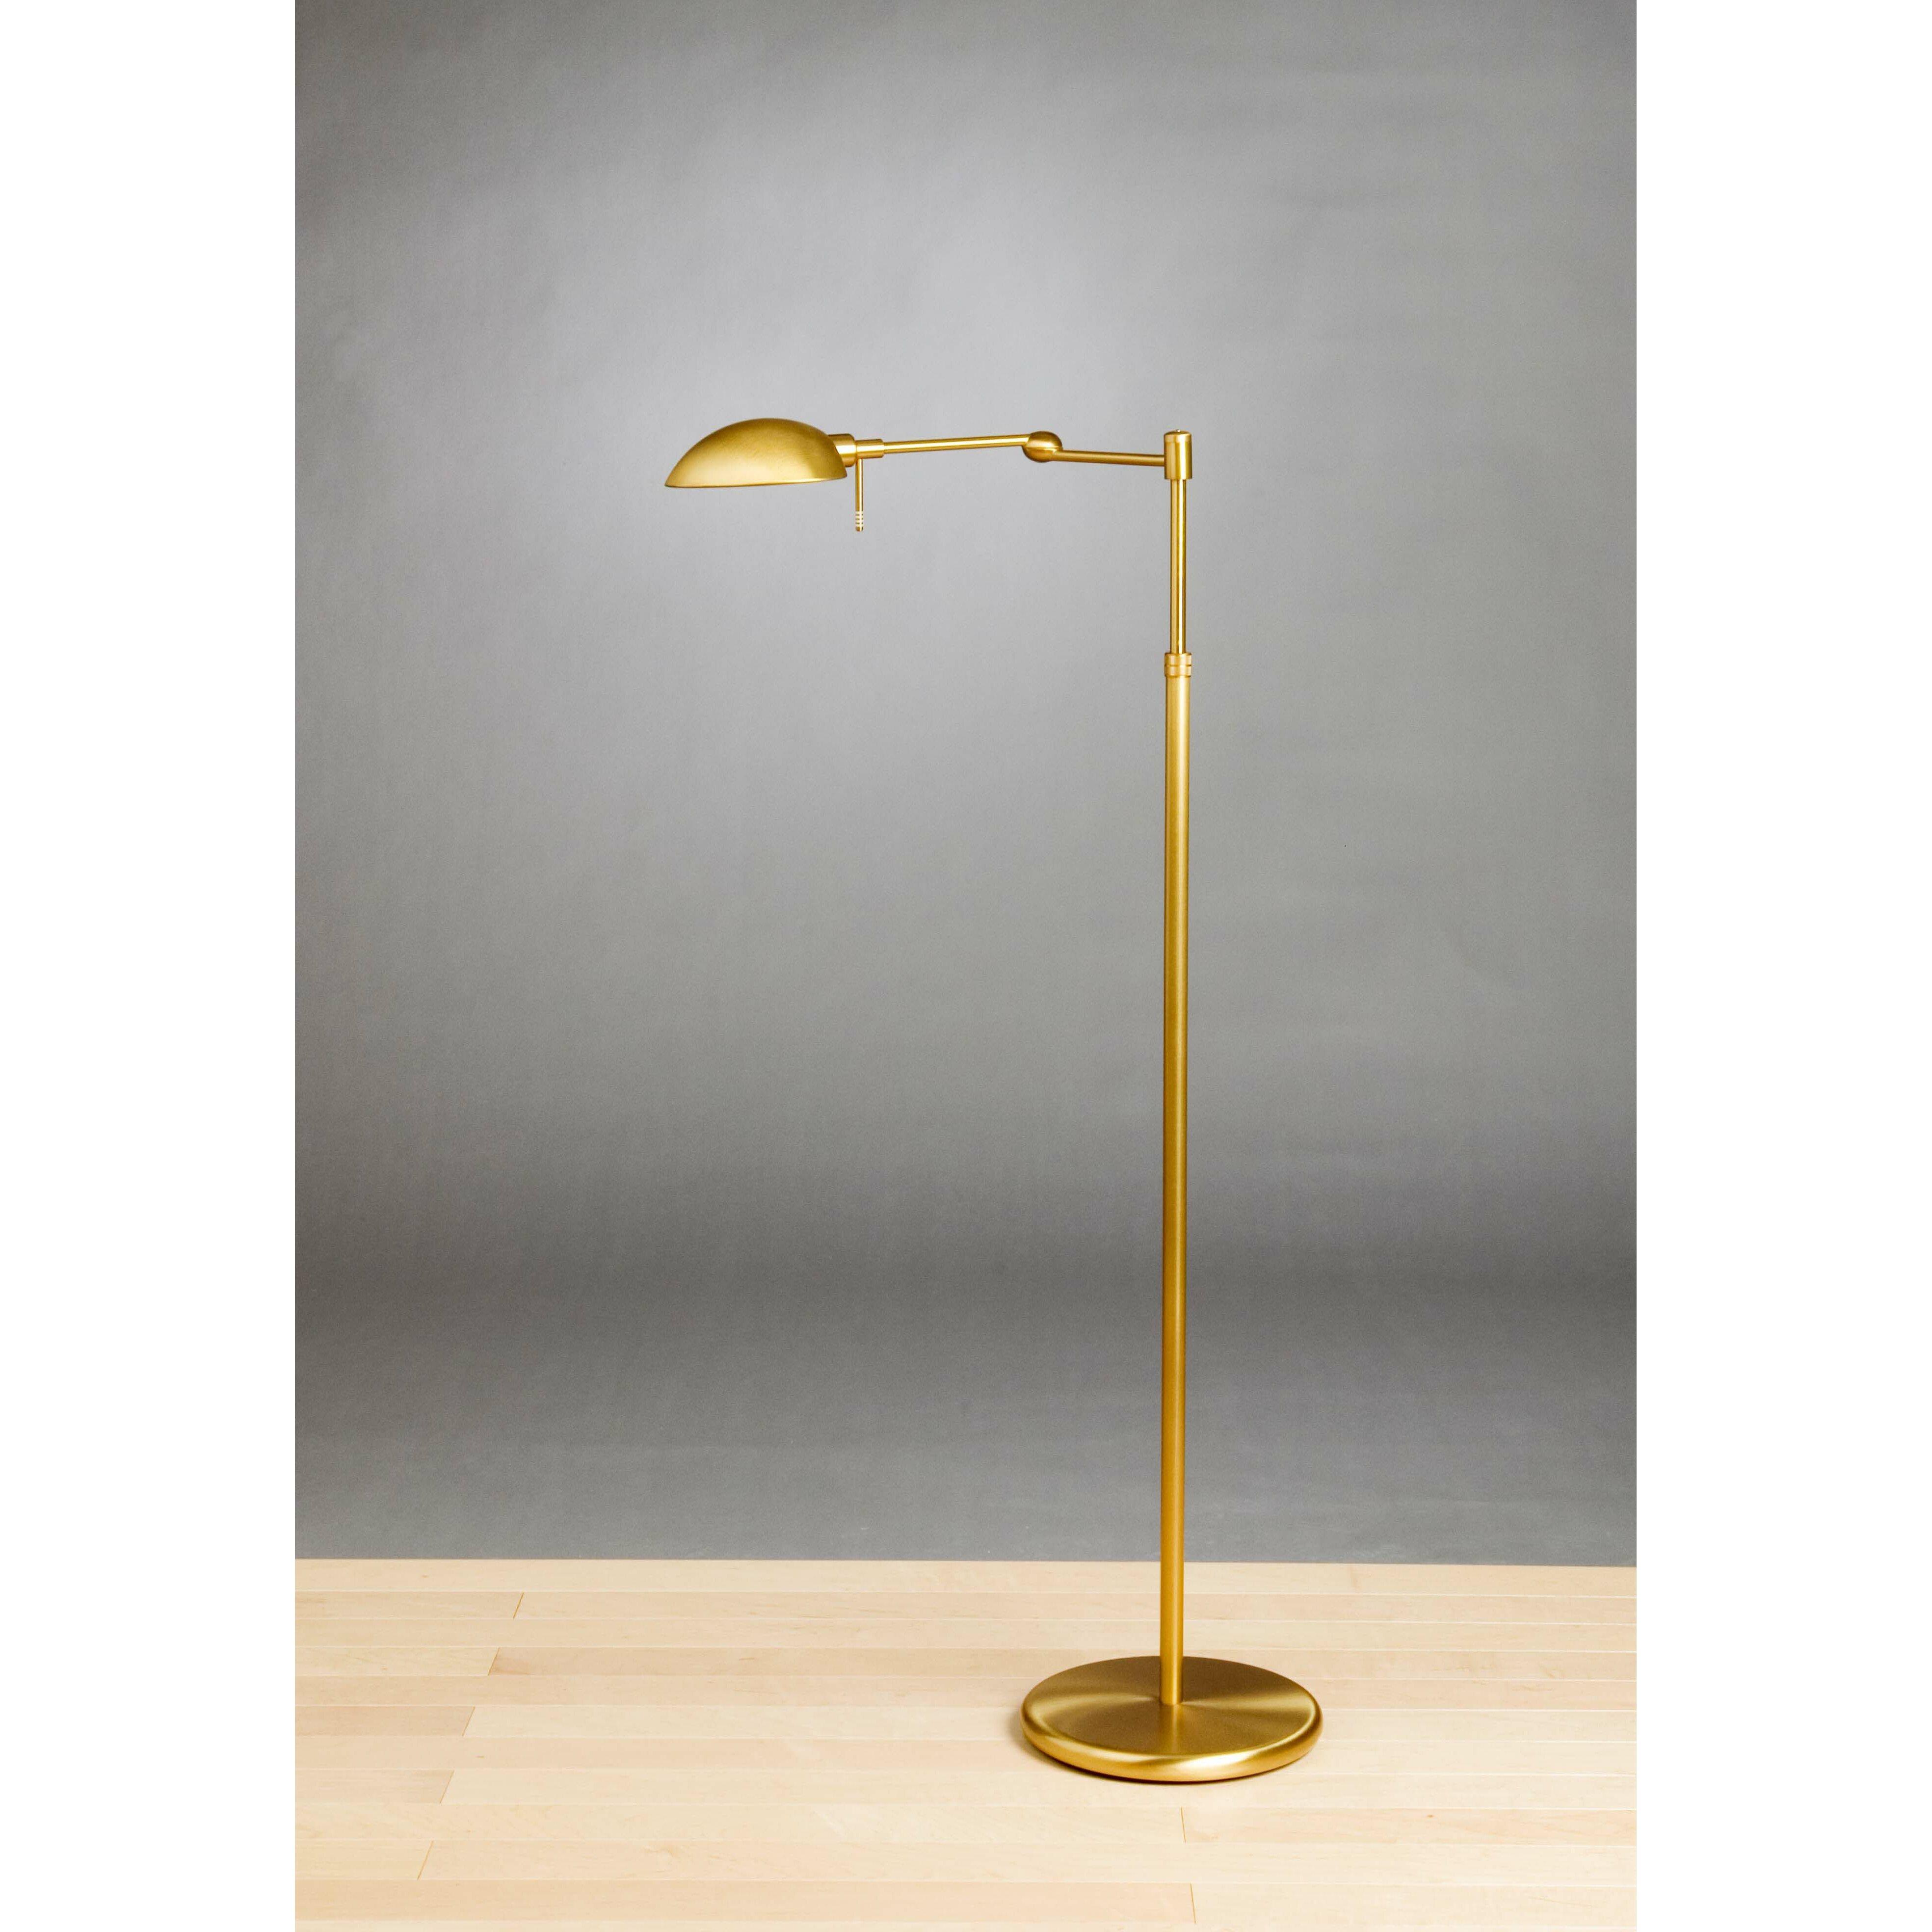 lighting lamps floor lamps holtk tter sku hkt1026. Black Bedroom Furniture Sets. Home Design Ideas